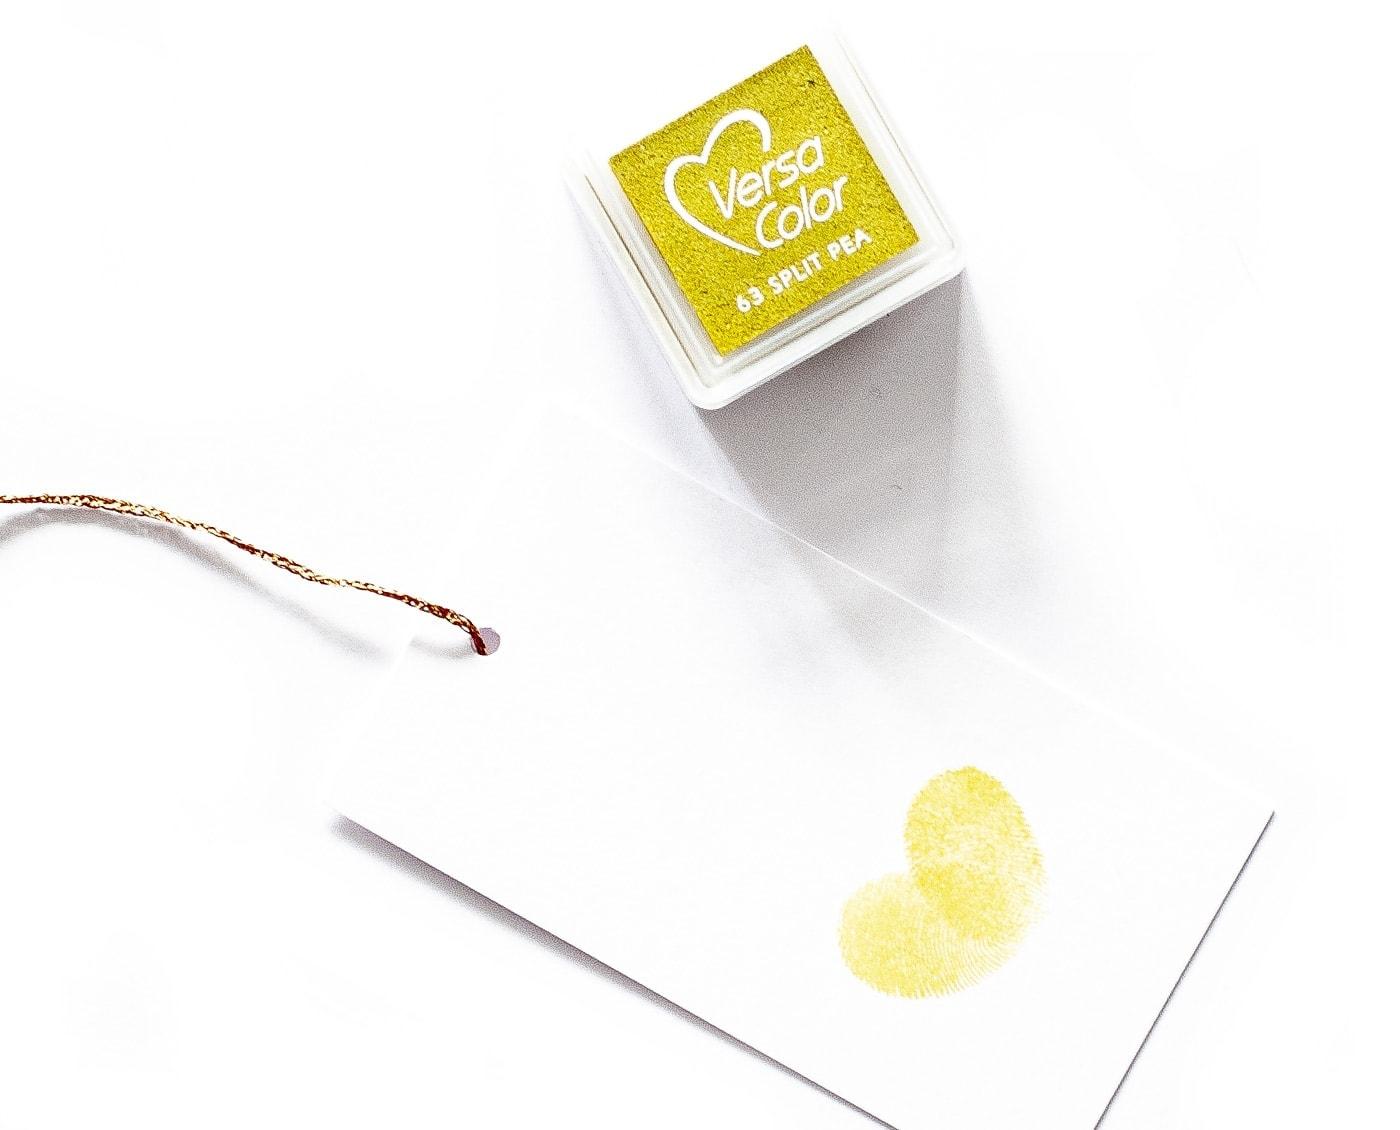 poduszka z tuszem w odcieniu żółtego split pea